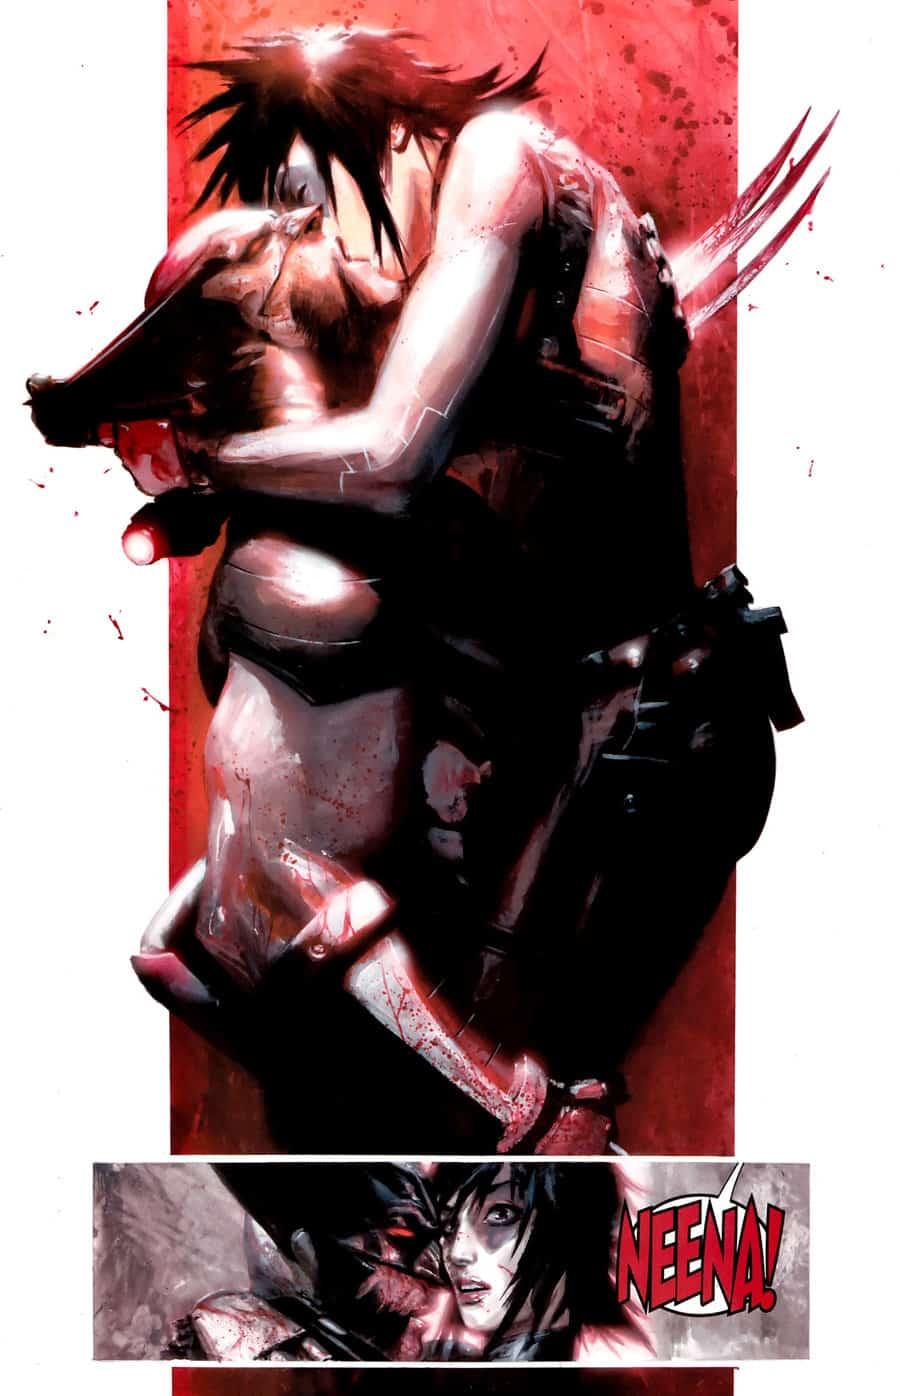 x_force_sex_and_violence_by_jenybo-d4nemqz